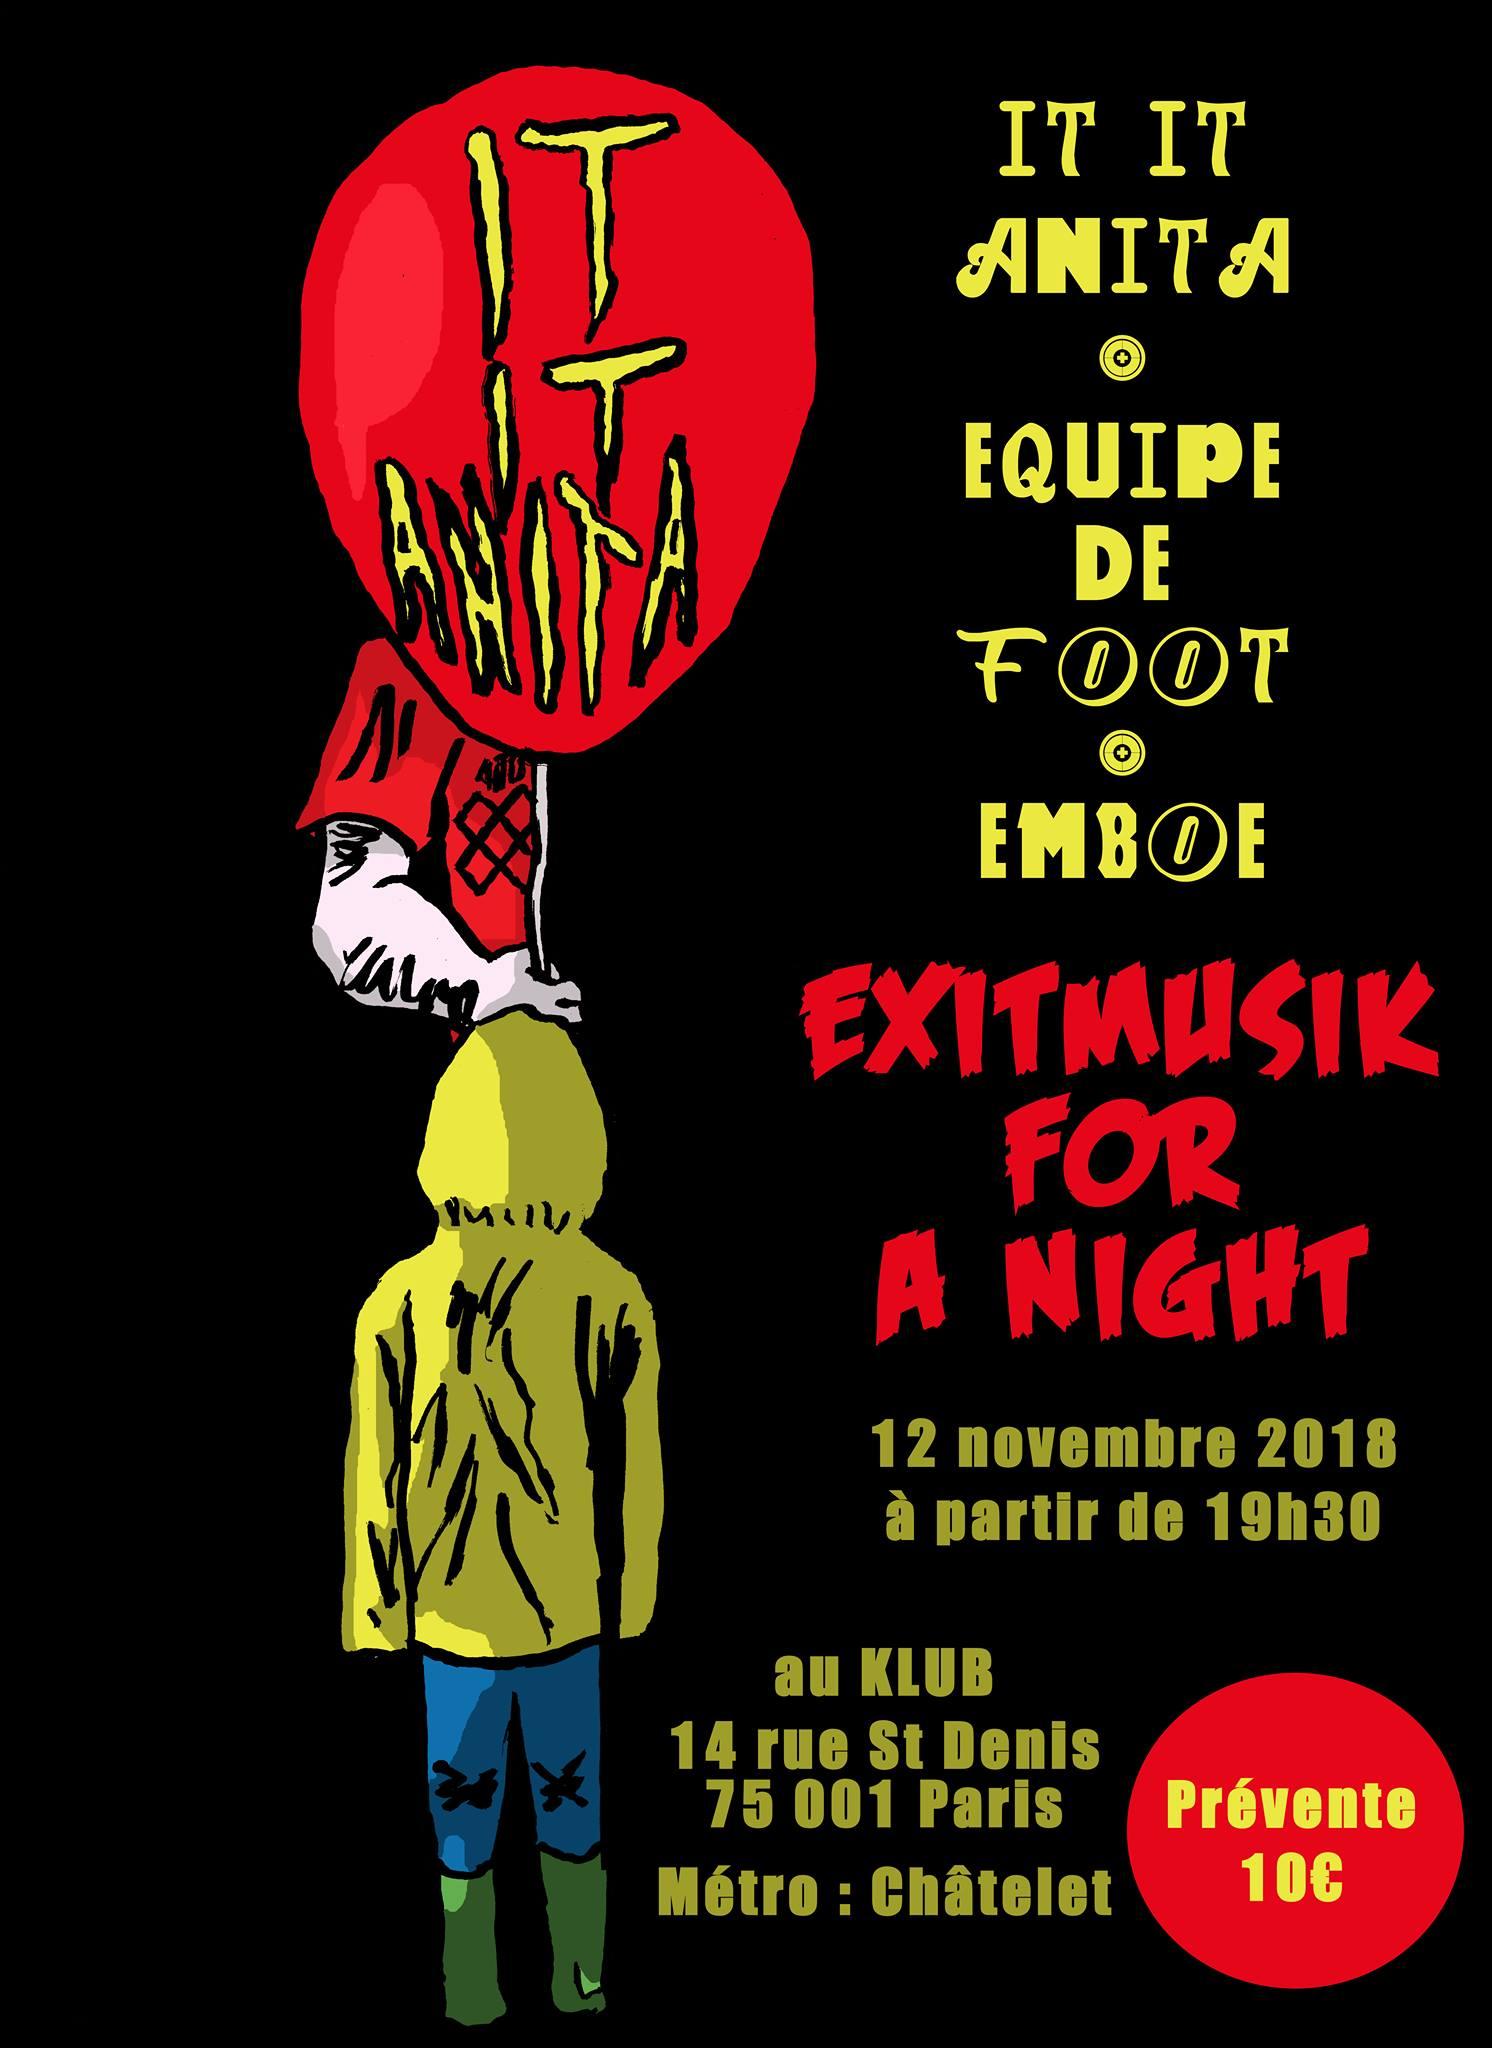 IT IT ANITA + ÈQUIPE DE FOOT + EMBOE ■ 12.11